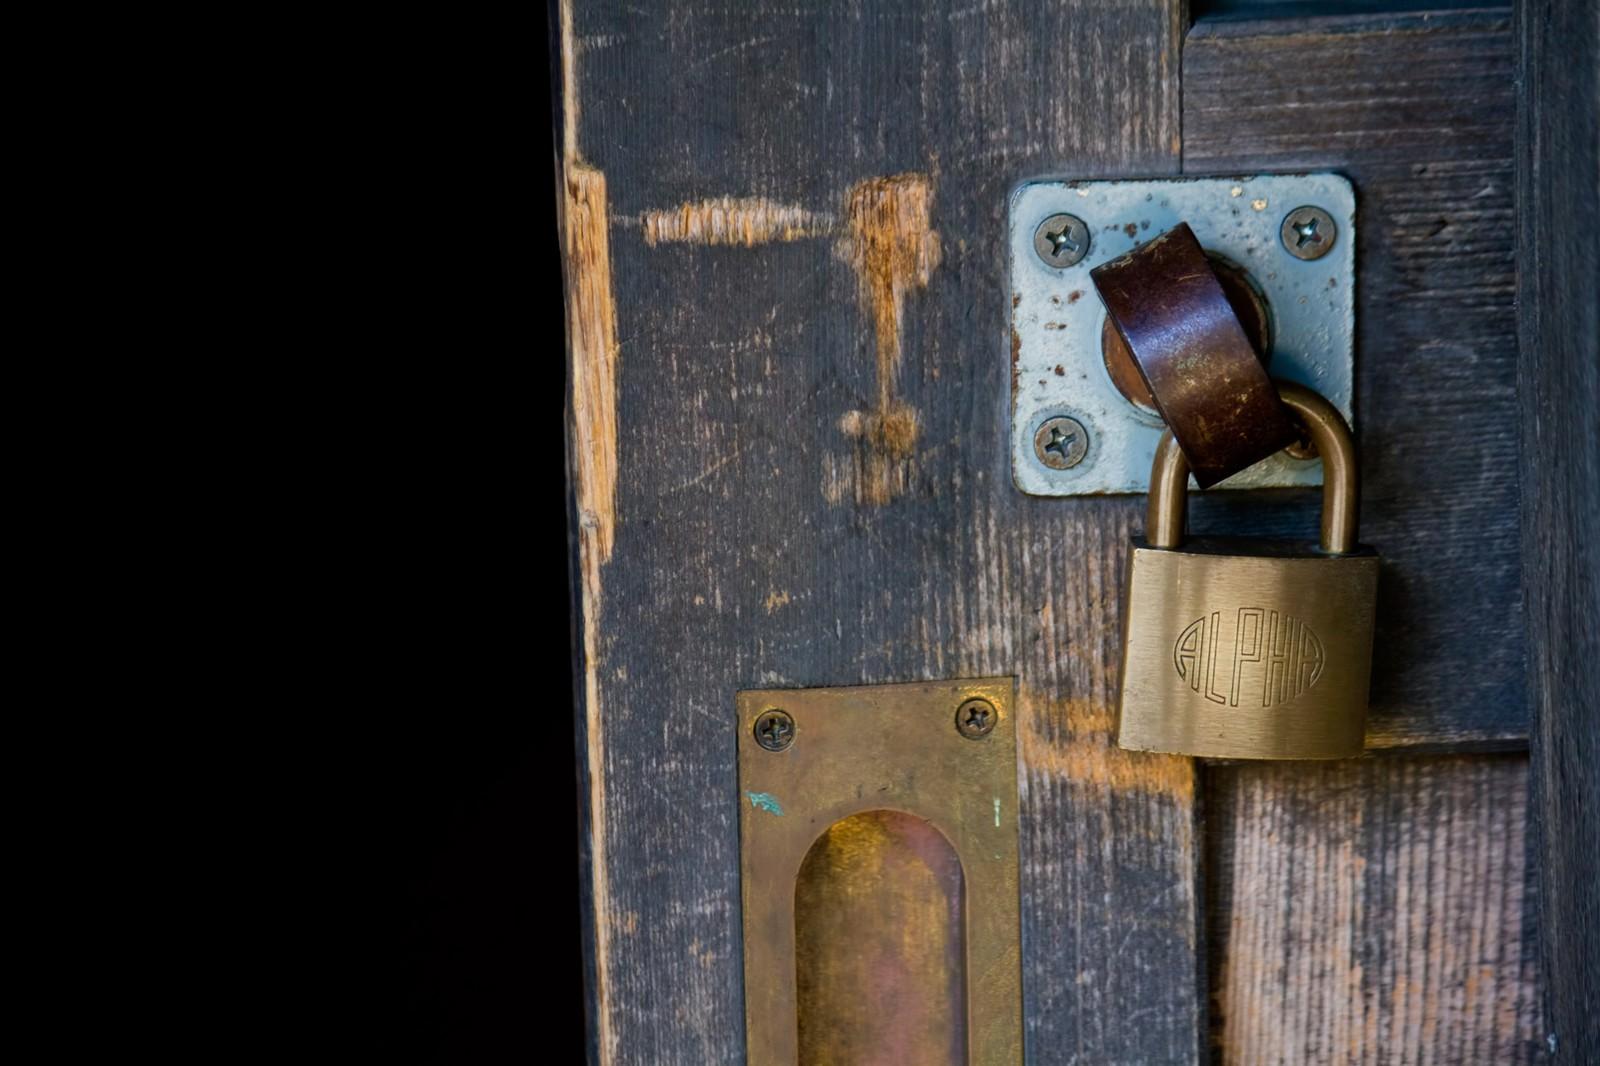 鍵のかけ忘れ対策!! 施錠を自動化するグッズ Qrio Lock !!